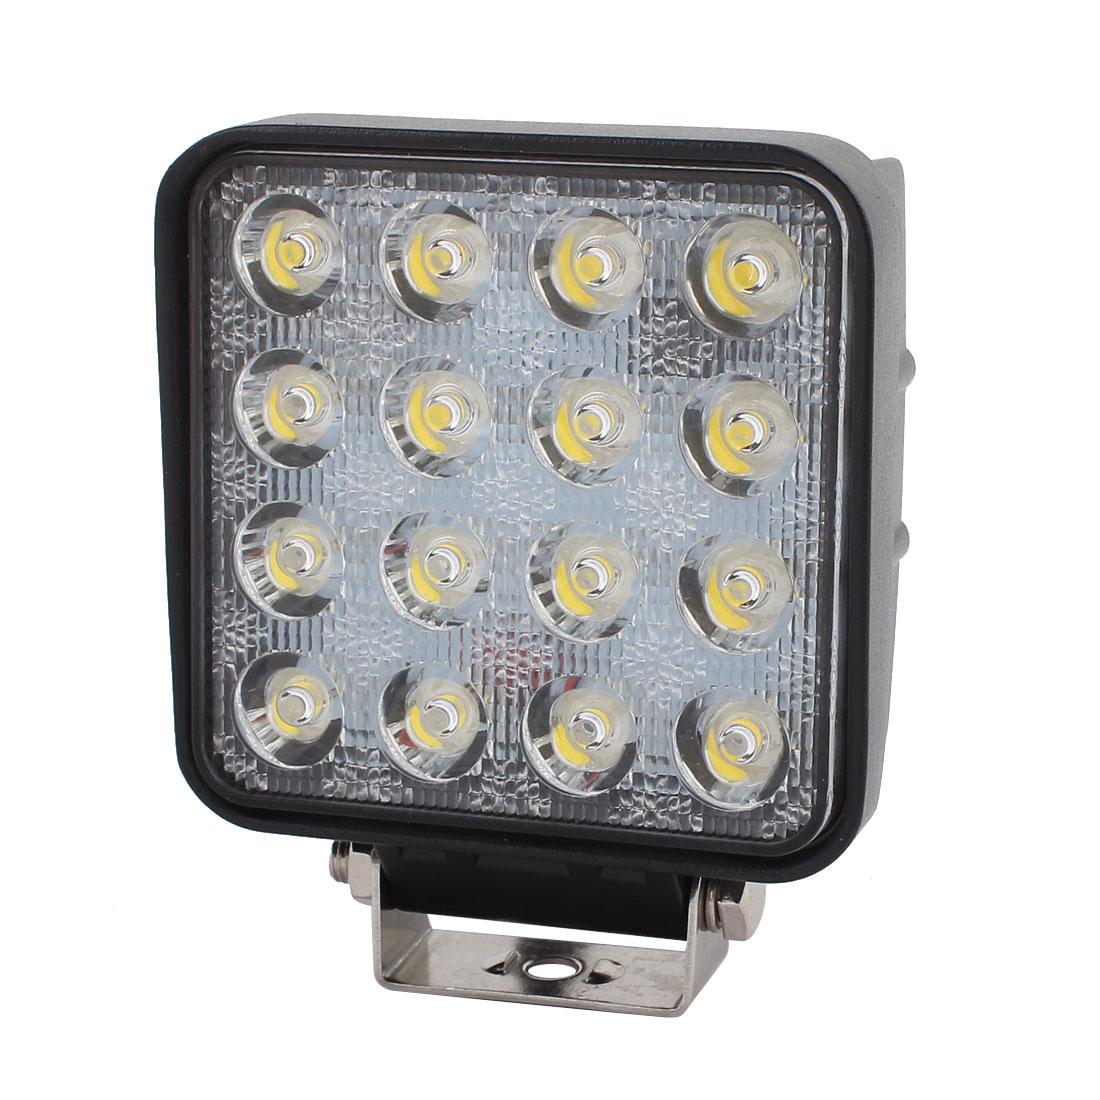 48W-A 48W DC 10V-30V 16 LED Bulb Spotlight Working Lamp for Truck Car